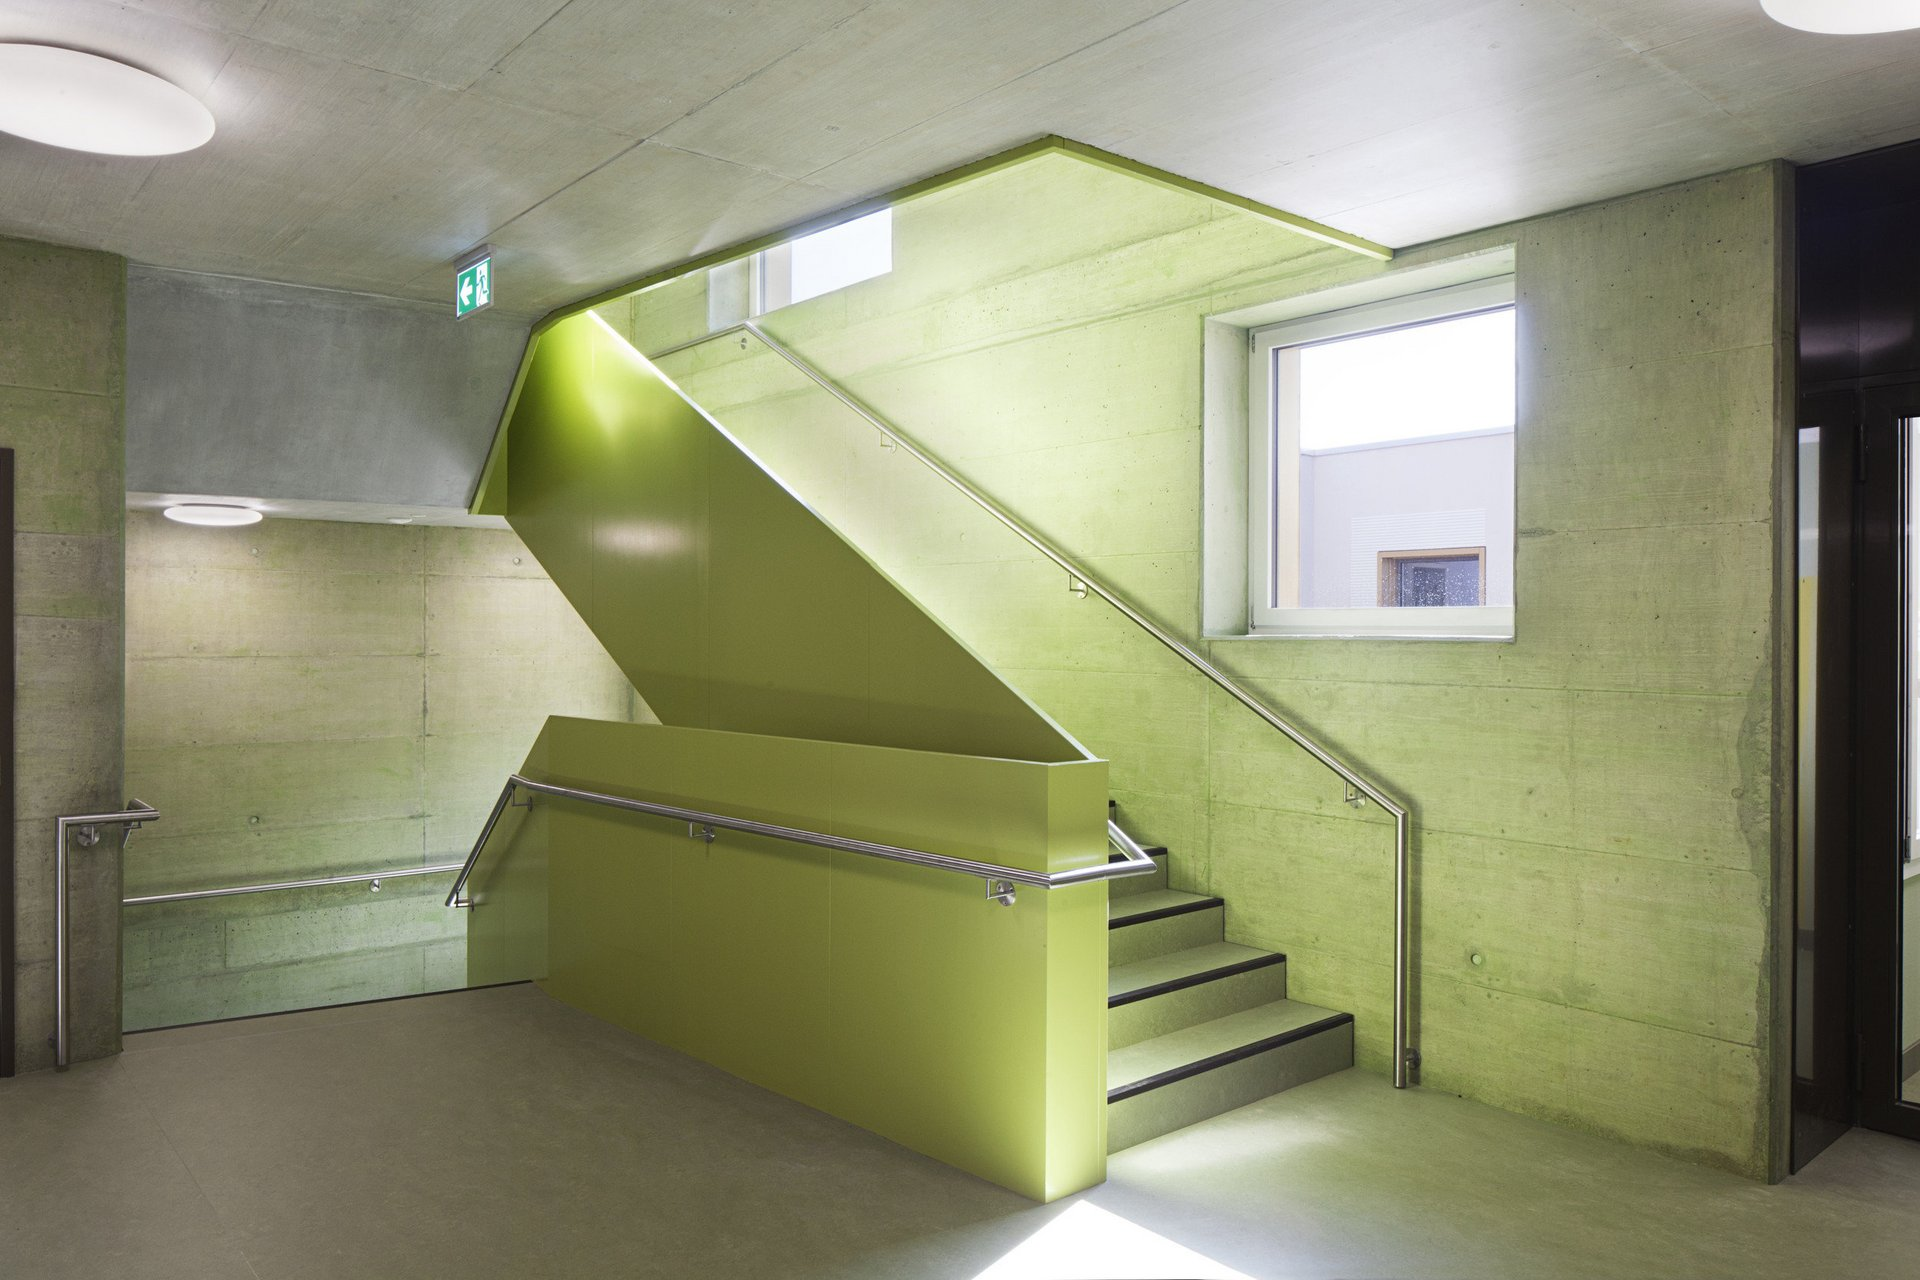 Treppenhaus im Betonbau mit farblichen Akzenten